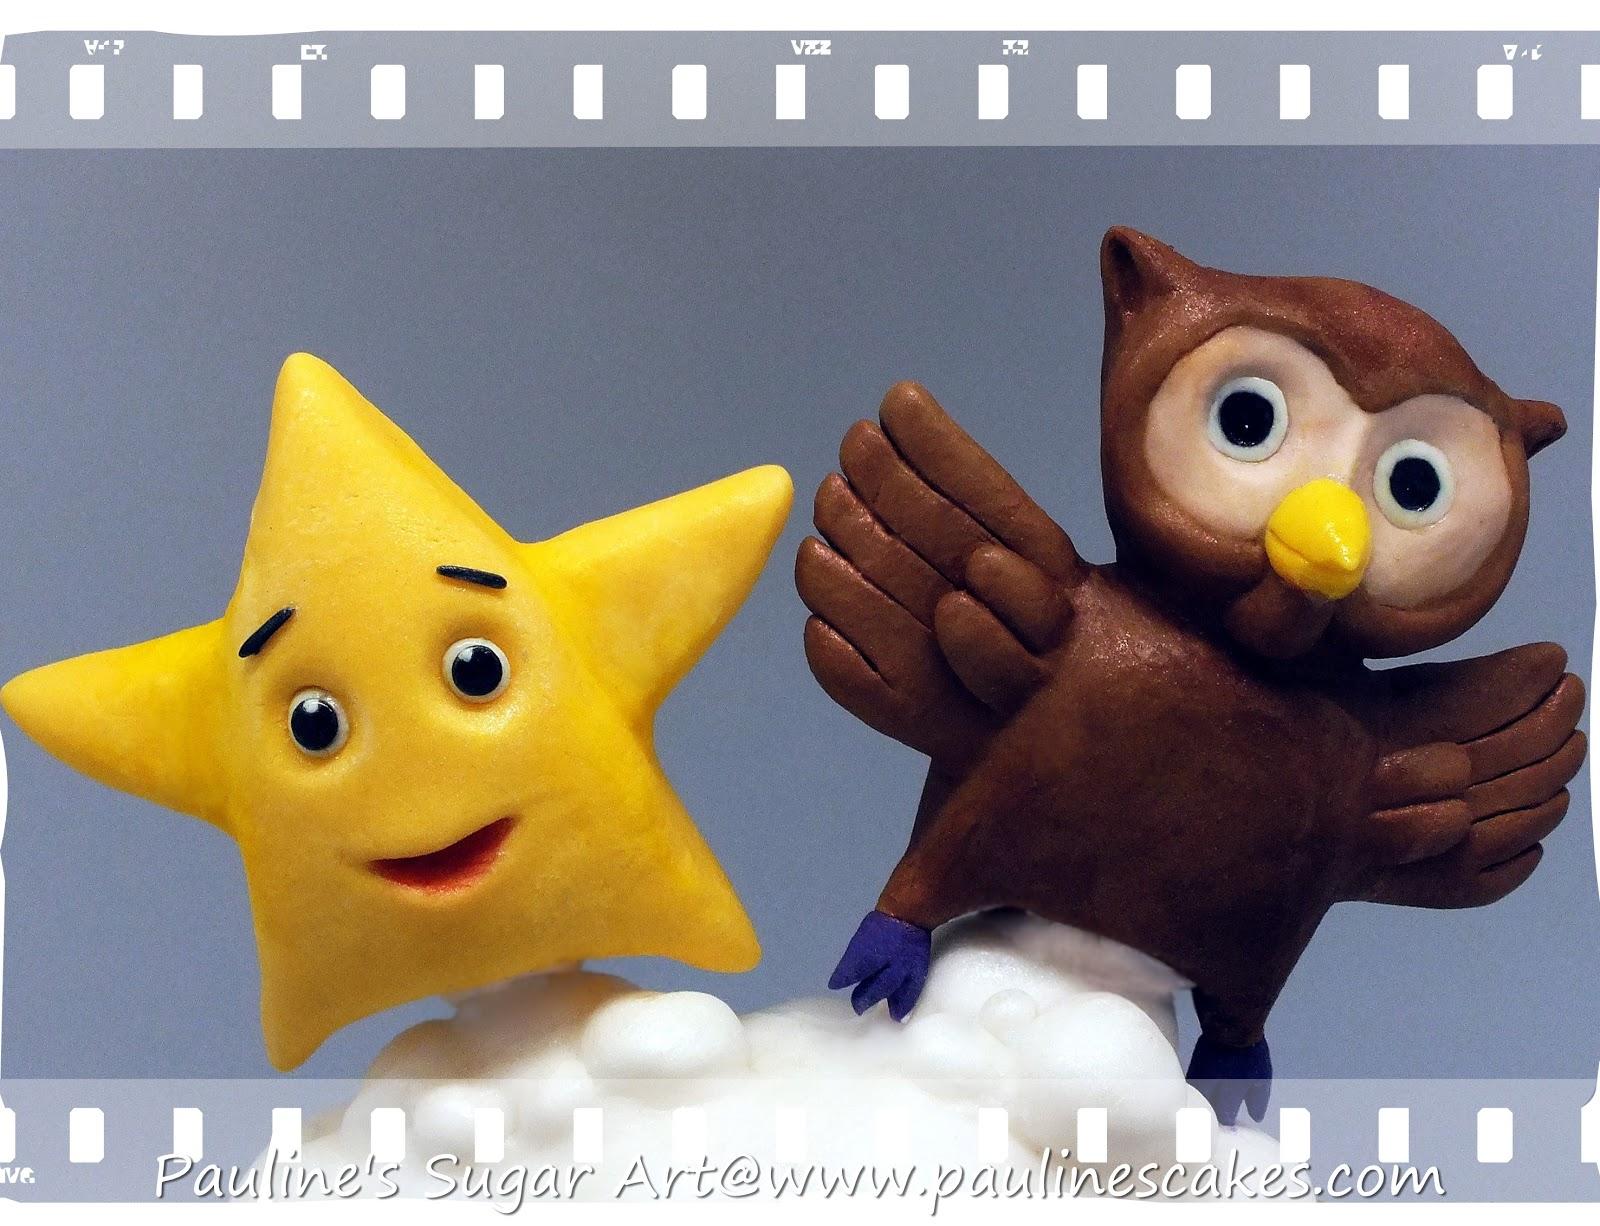 Soft Plush Toys - Online Toys Australia